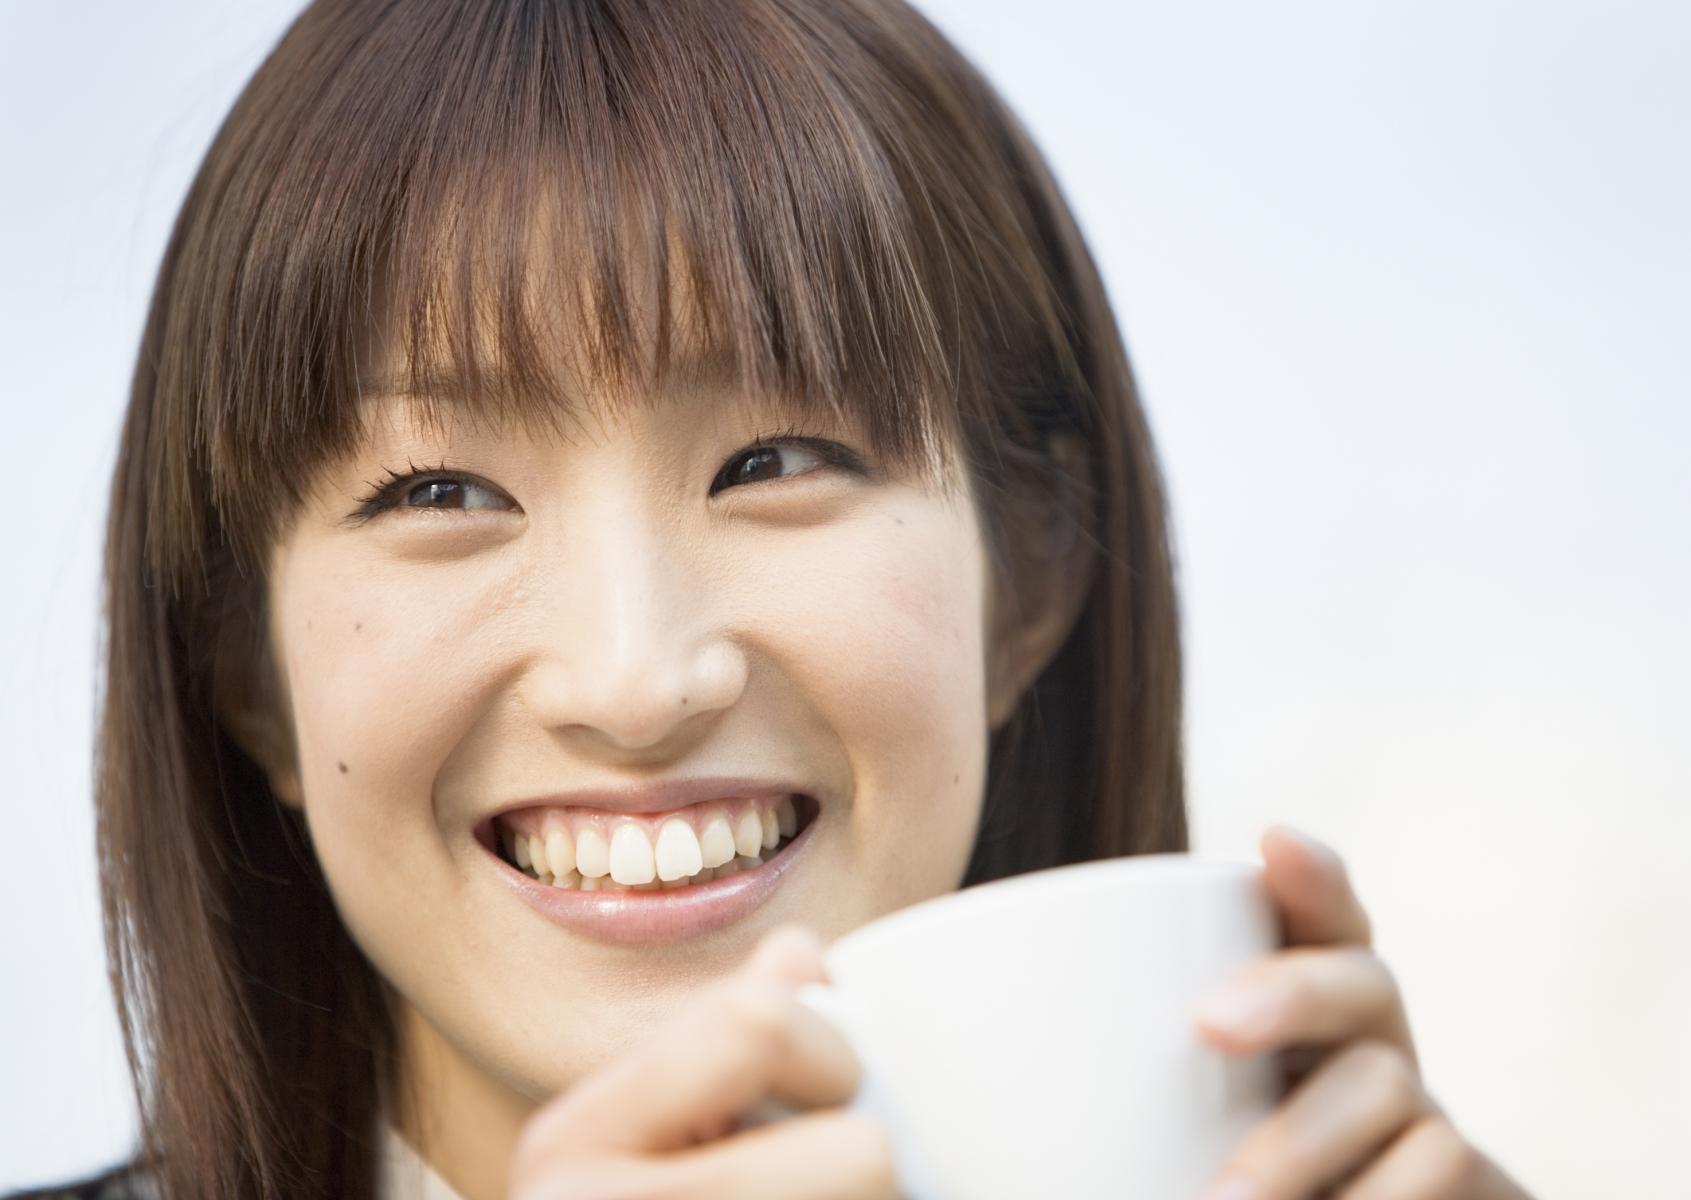 和歌山こまつ歯科インプラントクリニックが行う費用をおさえたセレックシステム